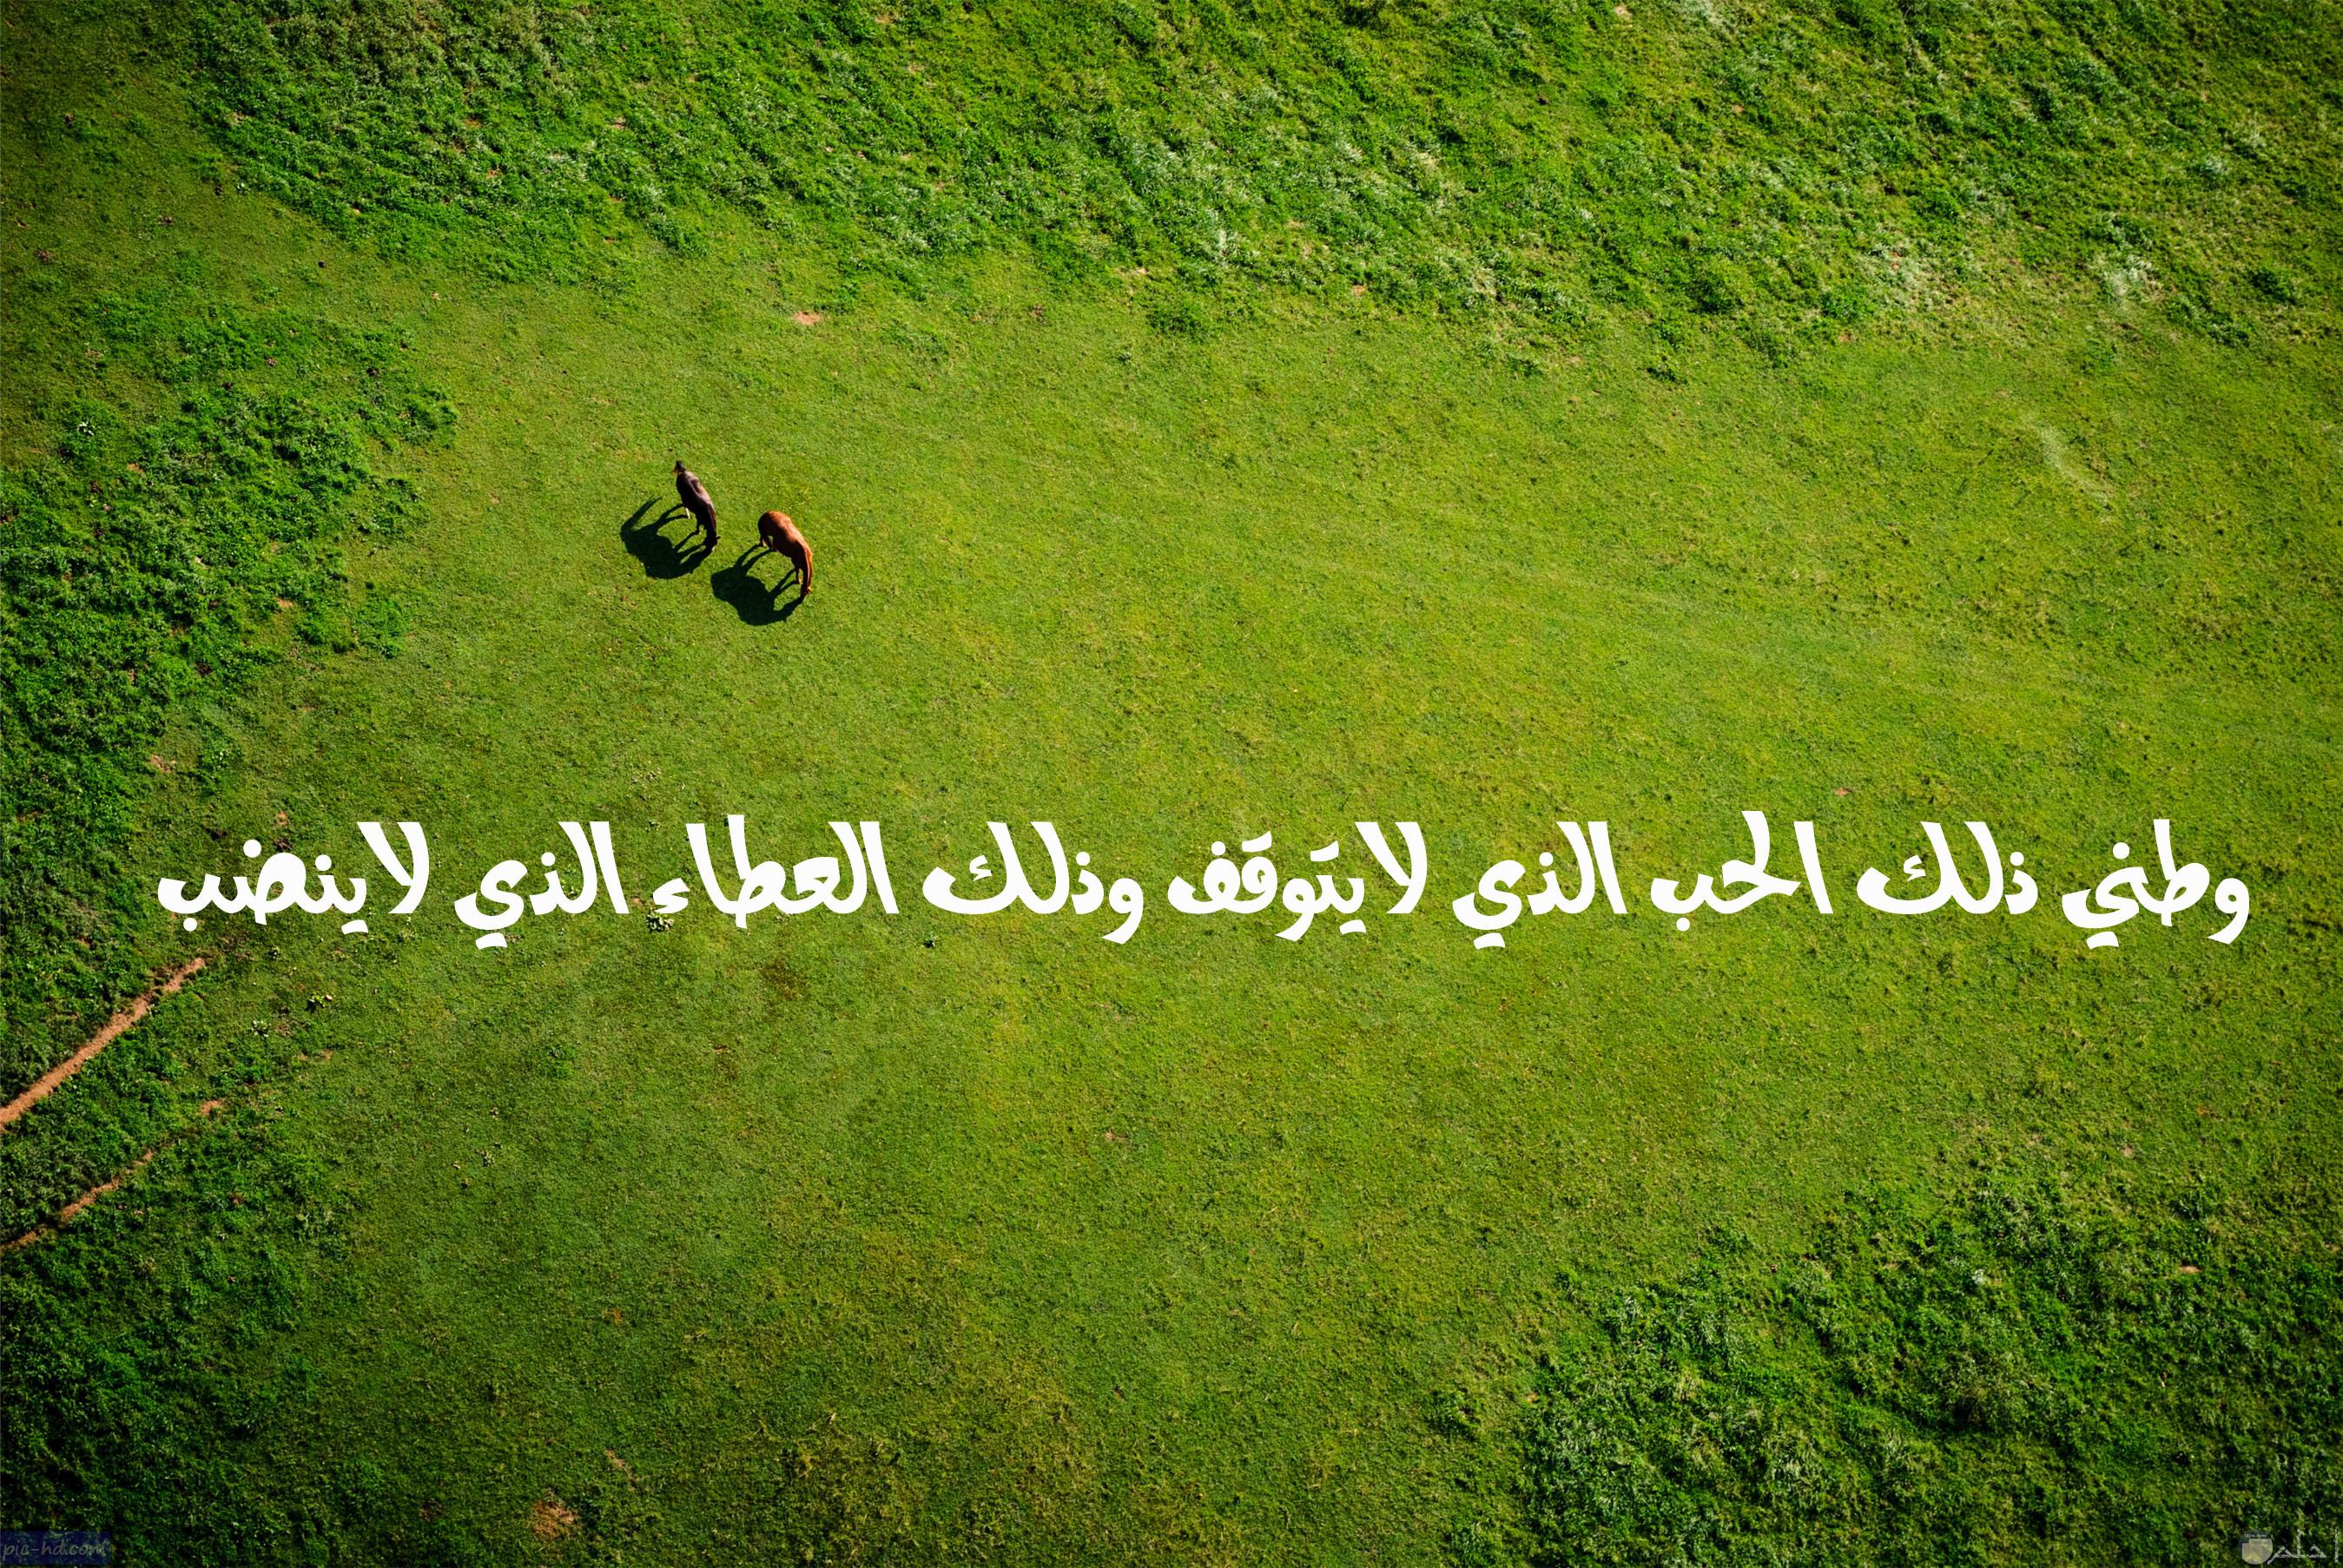 وطني ذلك الحب الذي لا يتوقف و ذلك العطاء الذي لا ينضب.